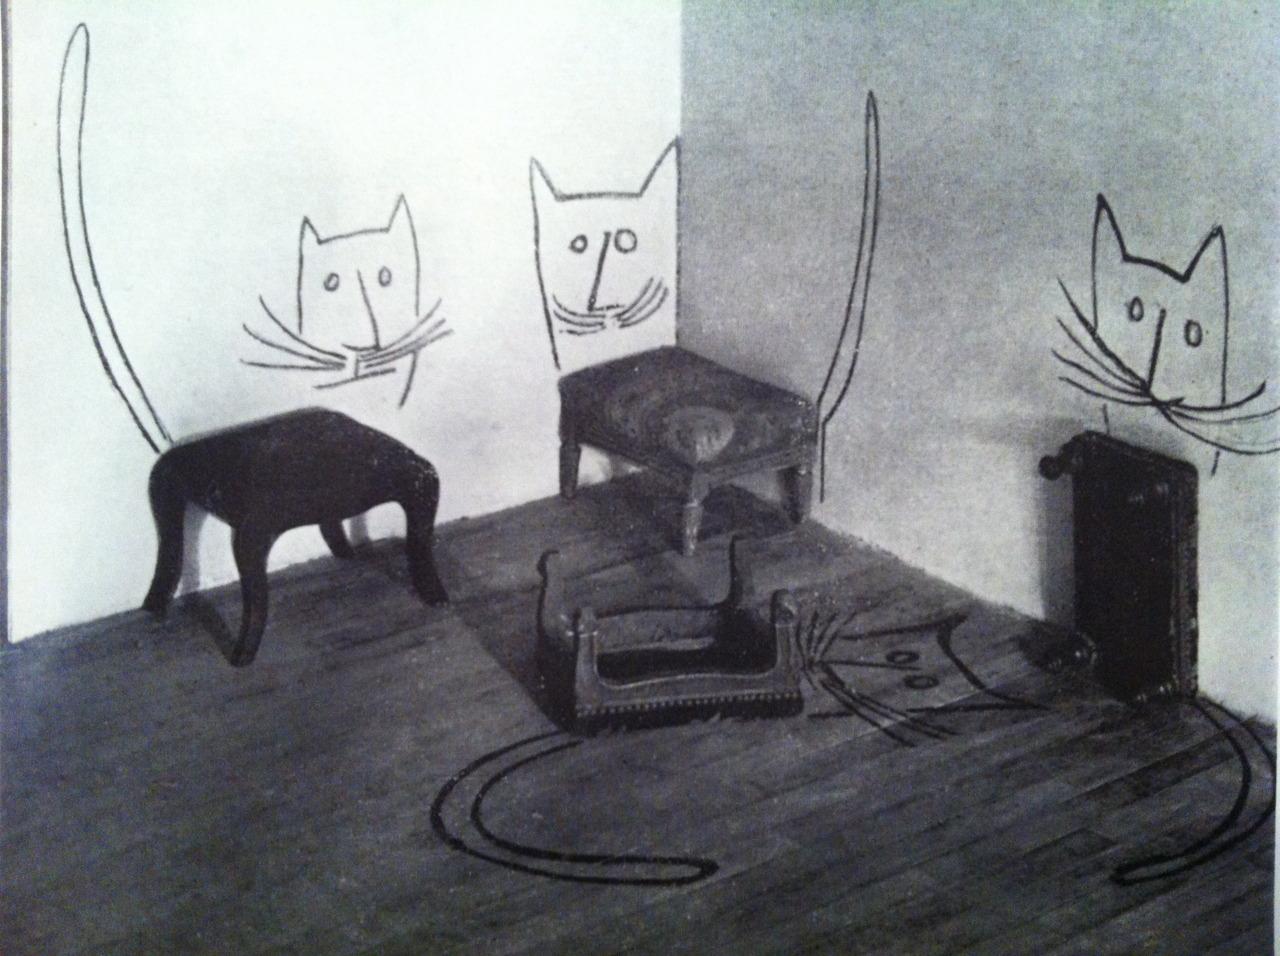 shu illustration saul steinberg. Black Bedroom Furniture Sets. Home Design Ideas